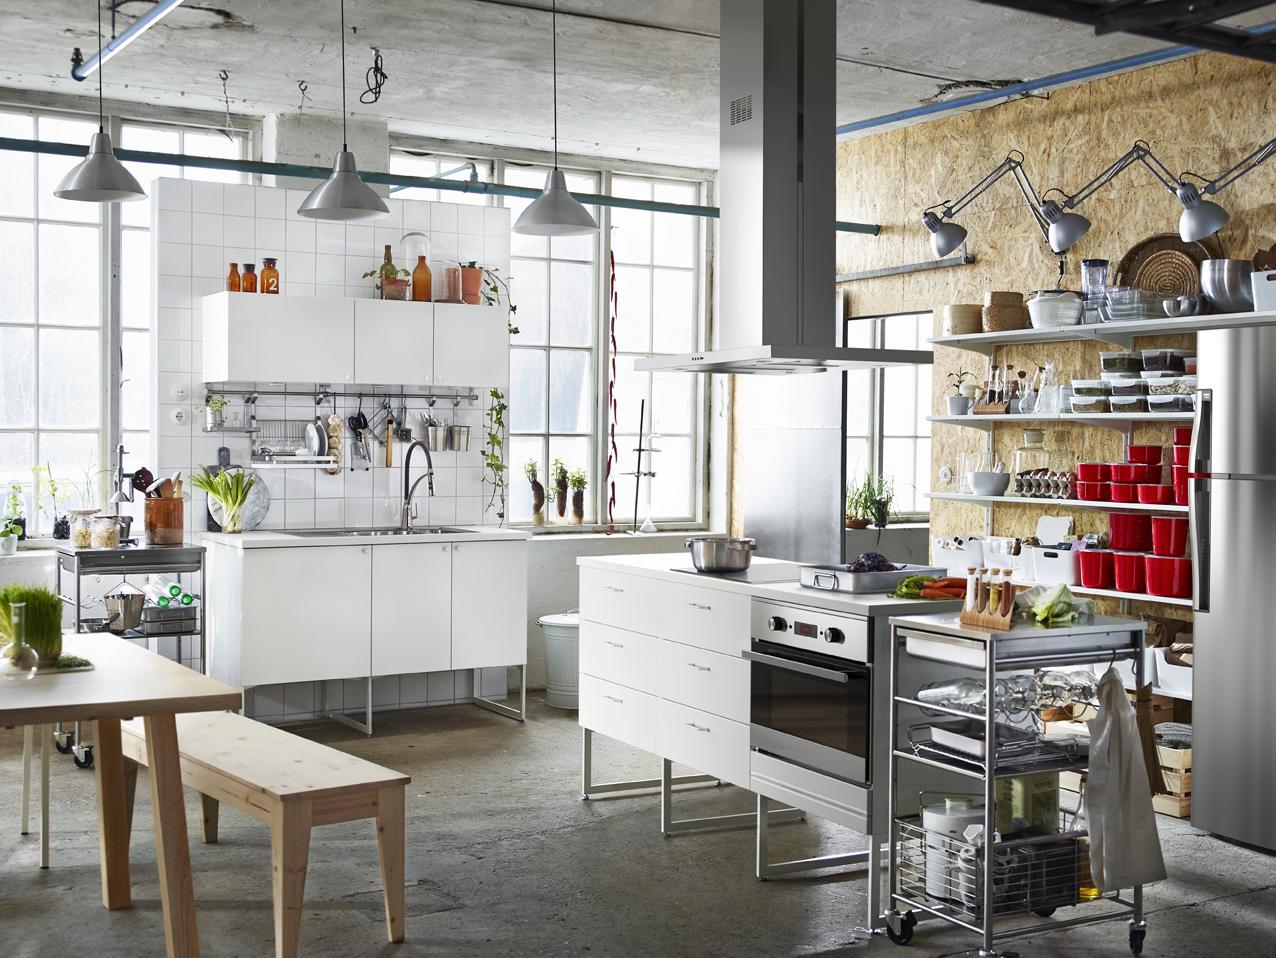 Novedades ikea 2016 todo gira entorno a la cocina for Modelo de cocina 2016